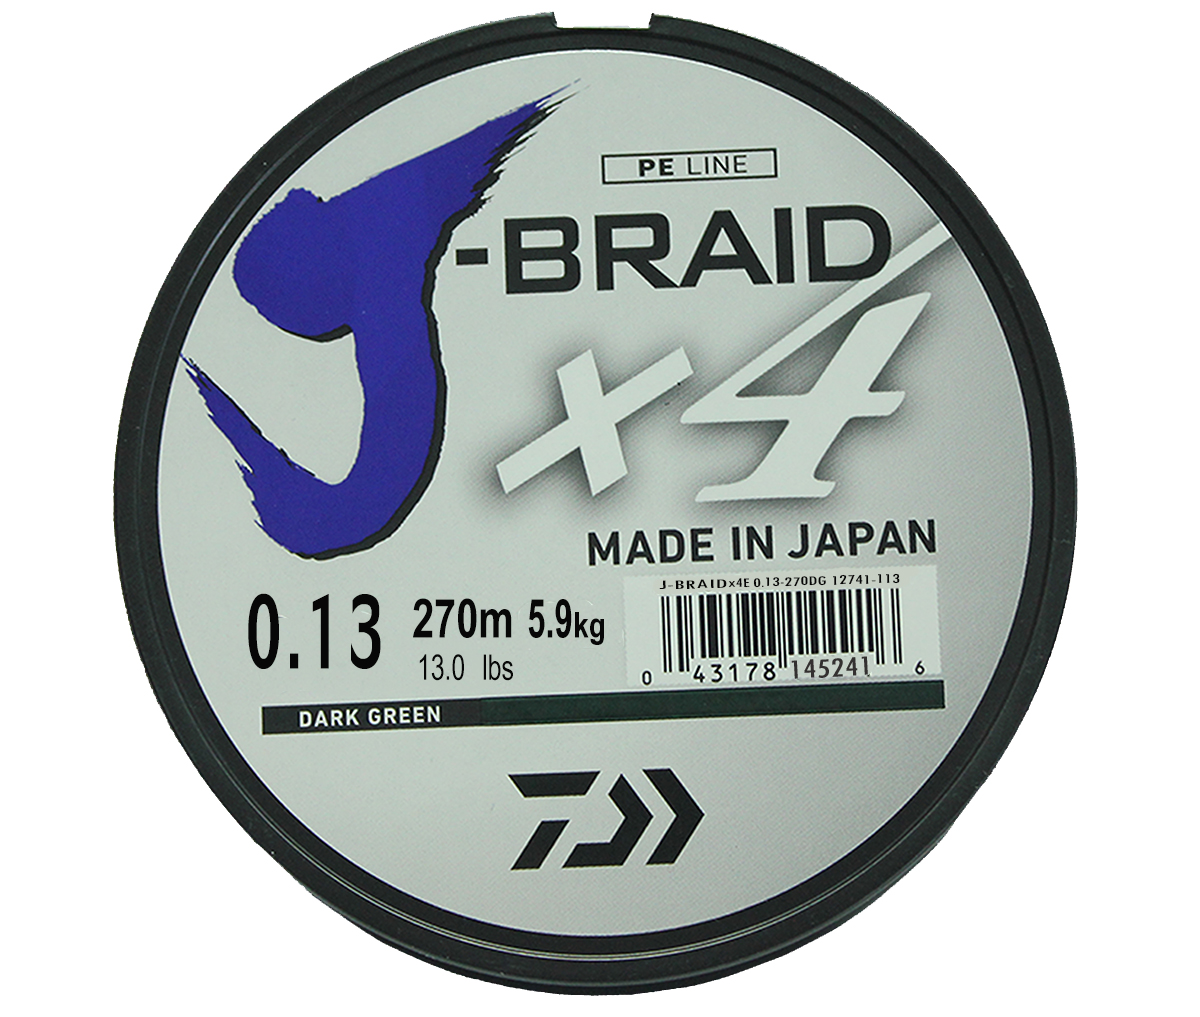 Леска плетеная DAIWA J-Braid X4 0,13мм 270 (зеленая)Леска плетеная<br>Новый 4х жильный шнур J-Braid, DAIWA - шнур высокого <br>класса с удивительным соотношением цены <br>и качества. Качество плетения полностью <br>соответствует японским стандартам и удовлетворяет <br>всем требованиям. Представленные диаметры <br>позволяют использовать шнур для всех техник <br>ловли, начиная от ultra- light ловли окуня, до <br>морской ловли палтуса, трески и т.д.<br>